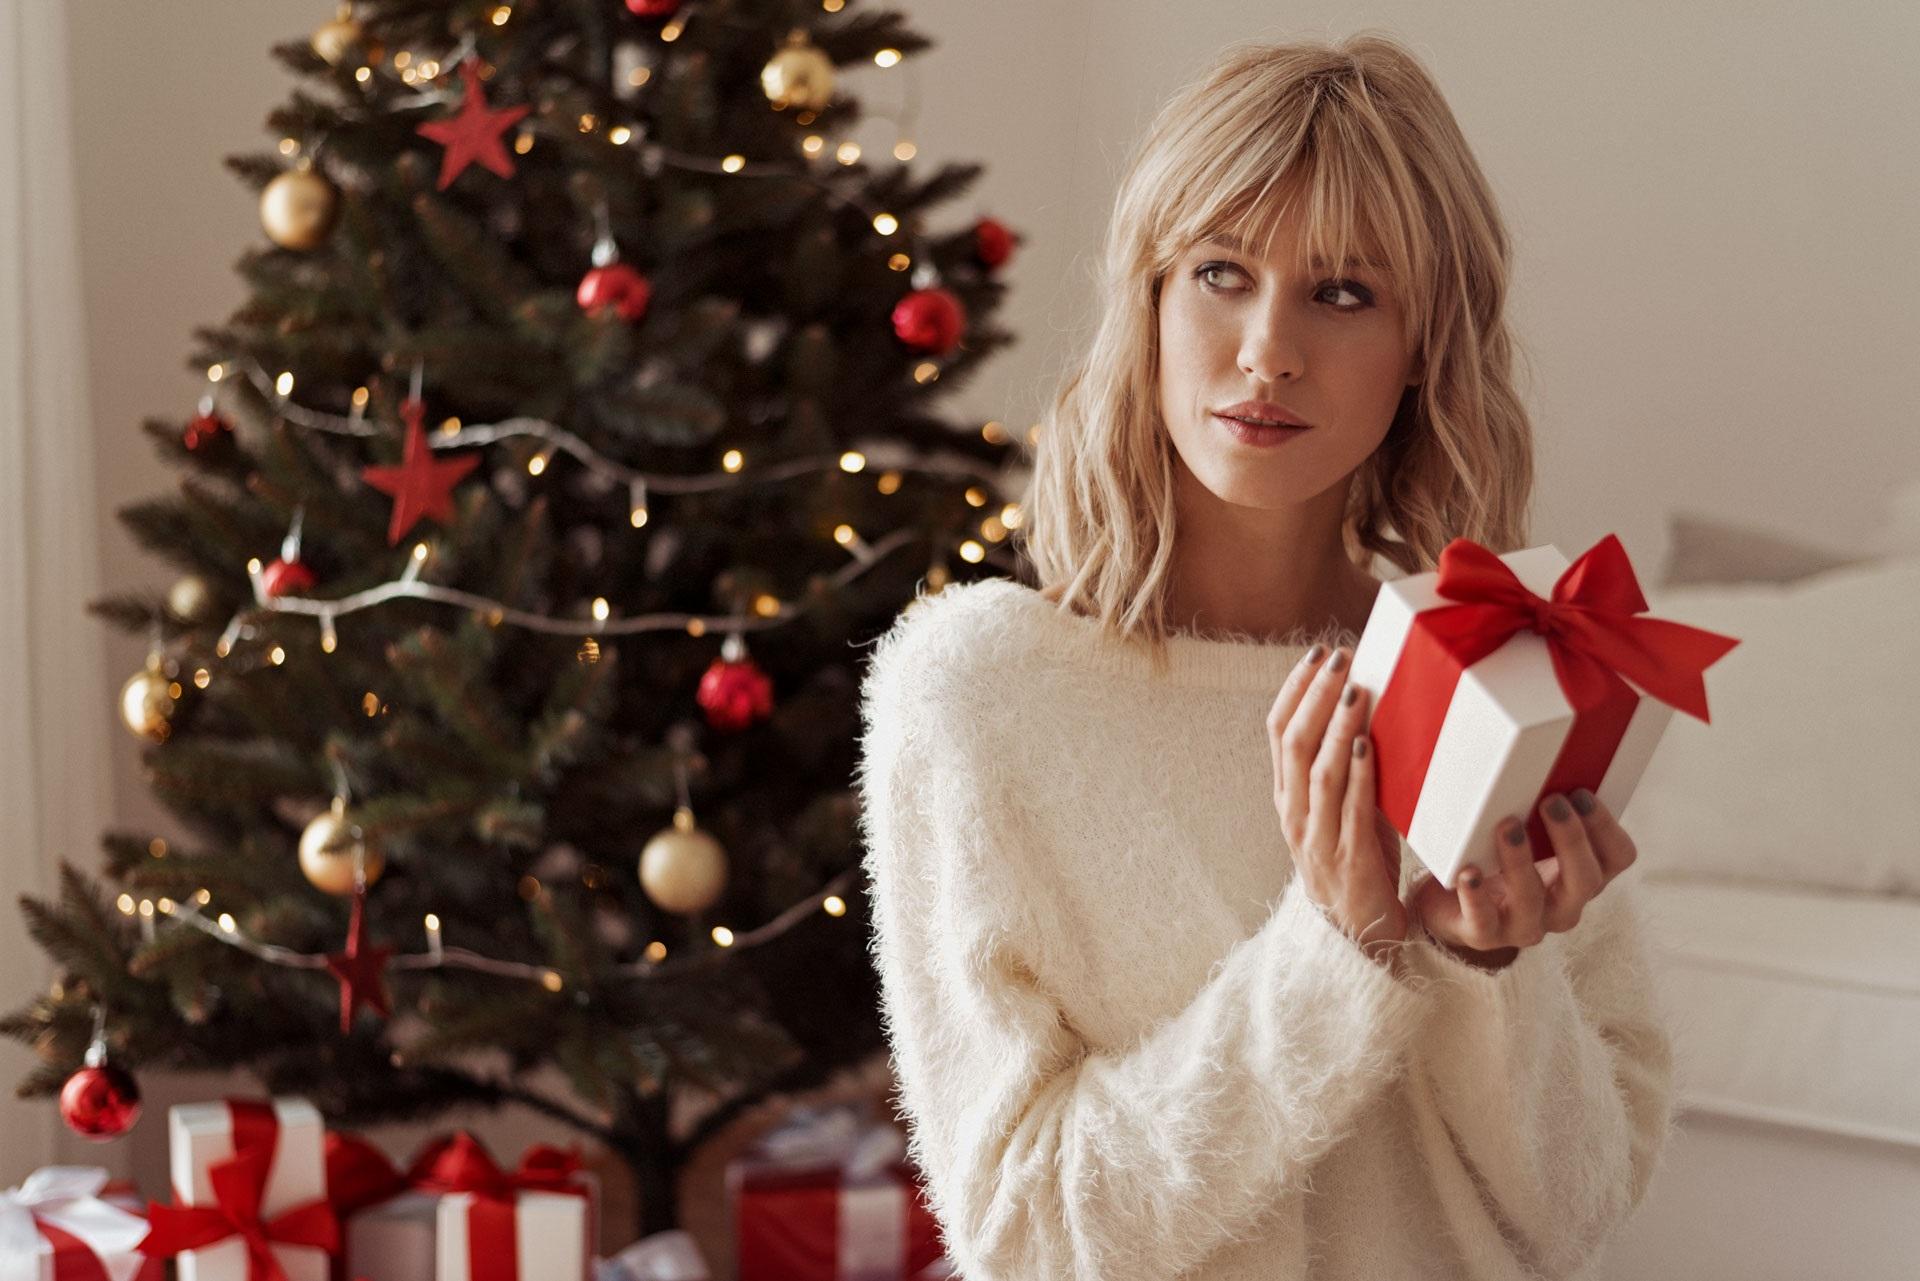 I migliori regali di Natale per le donne